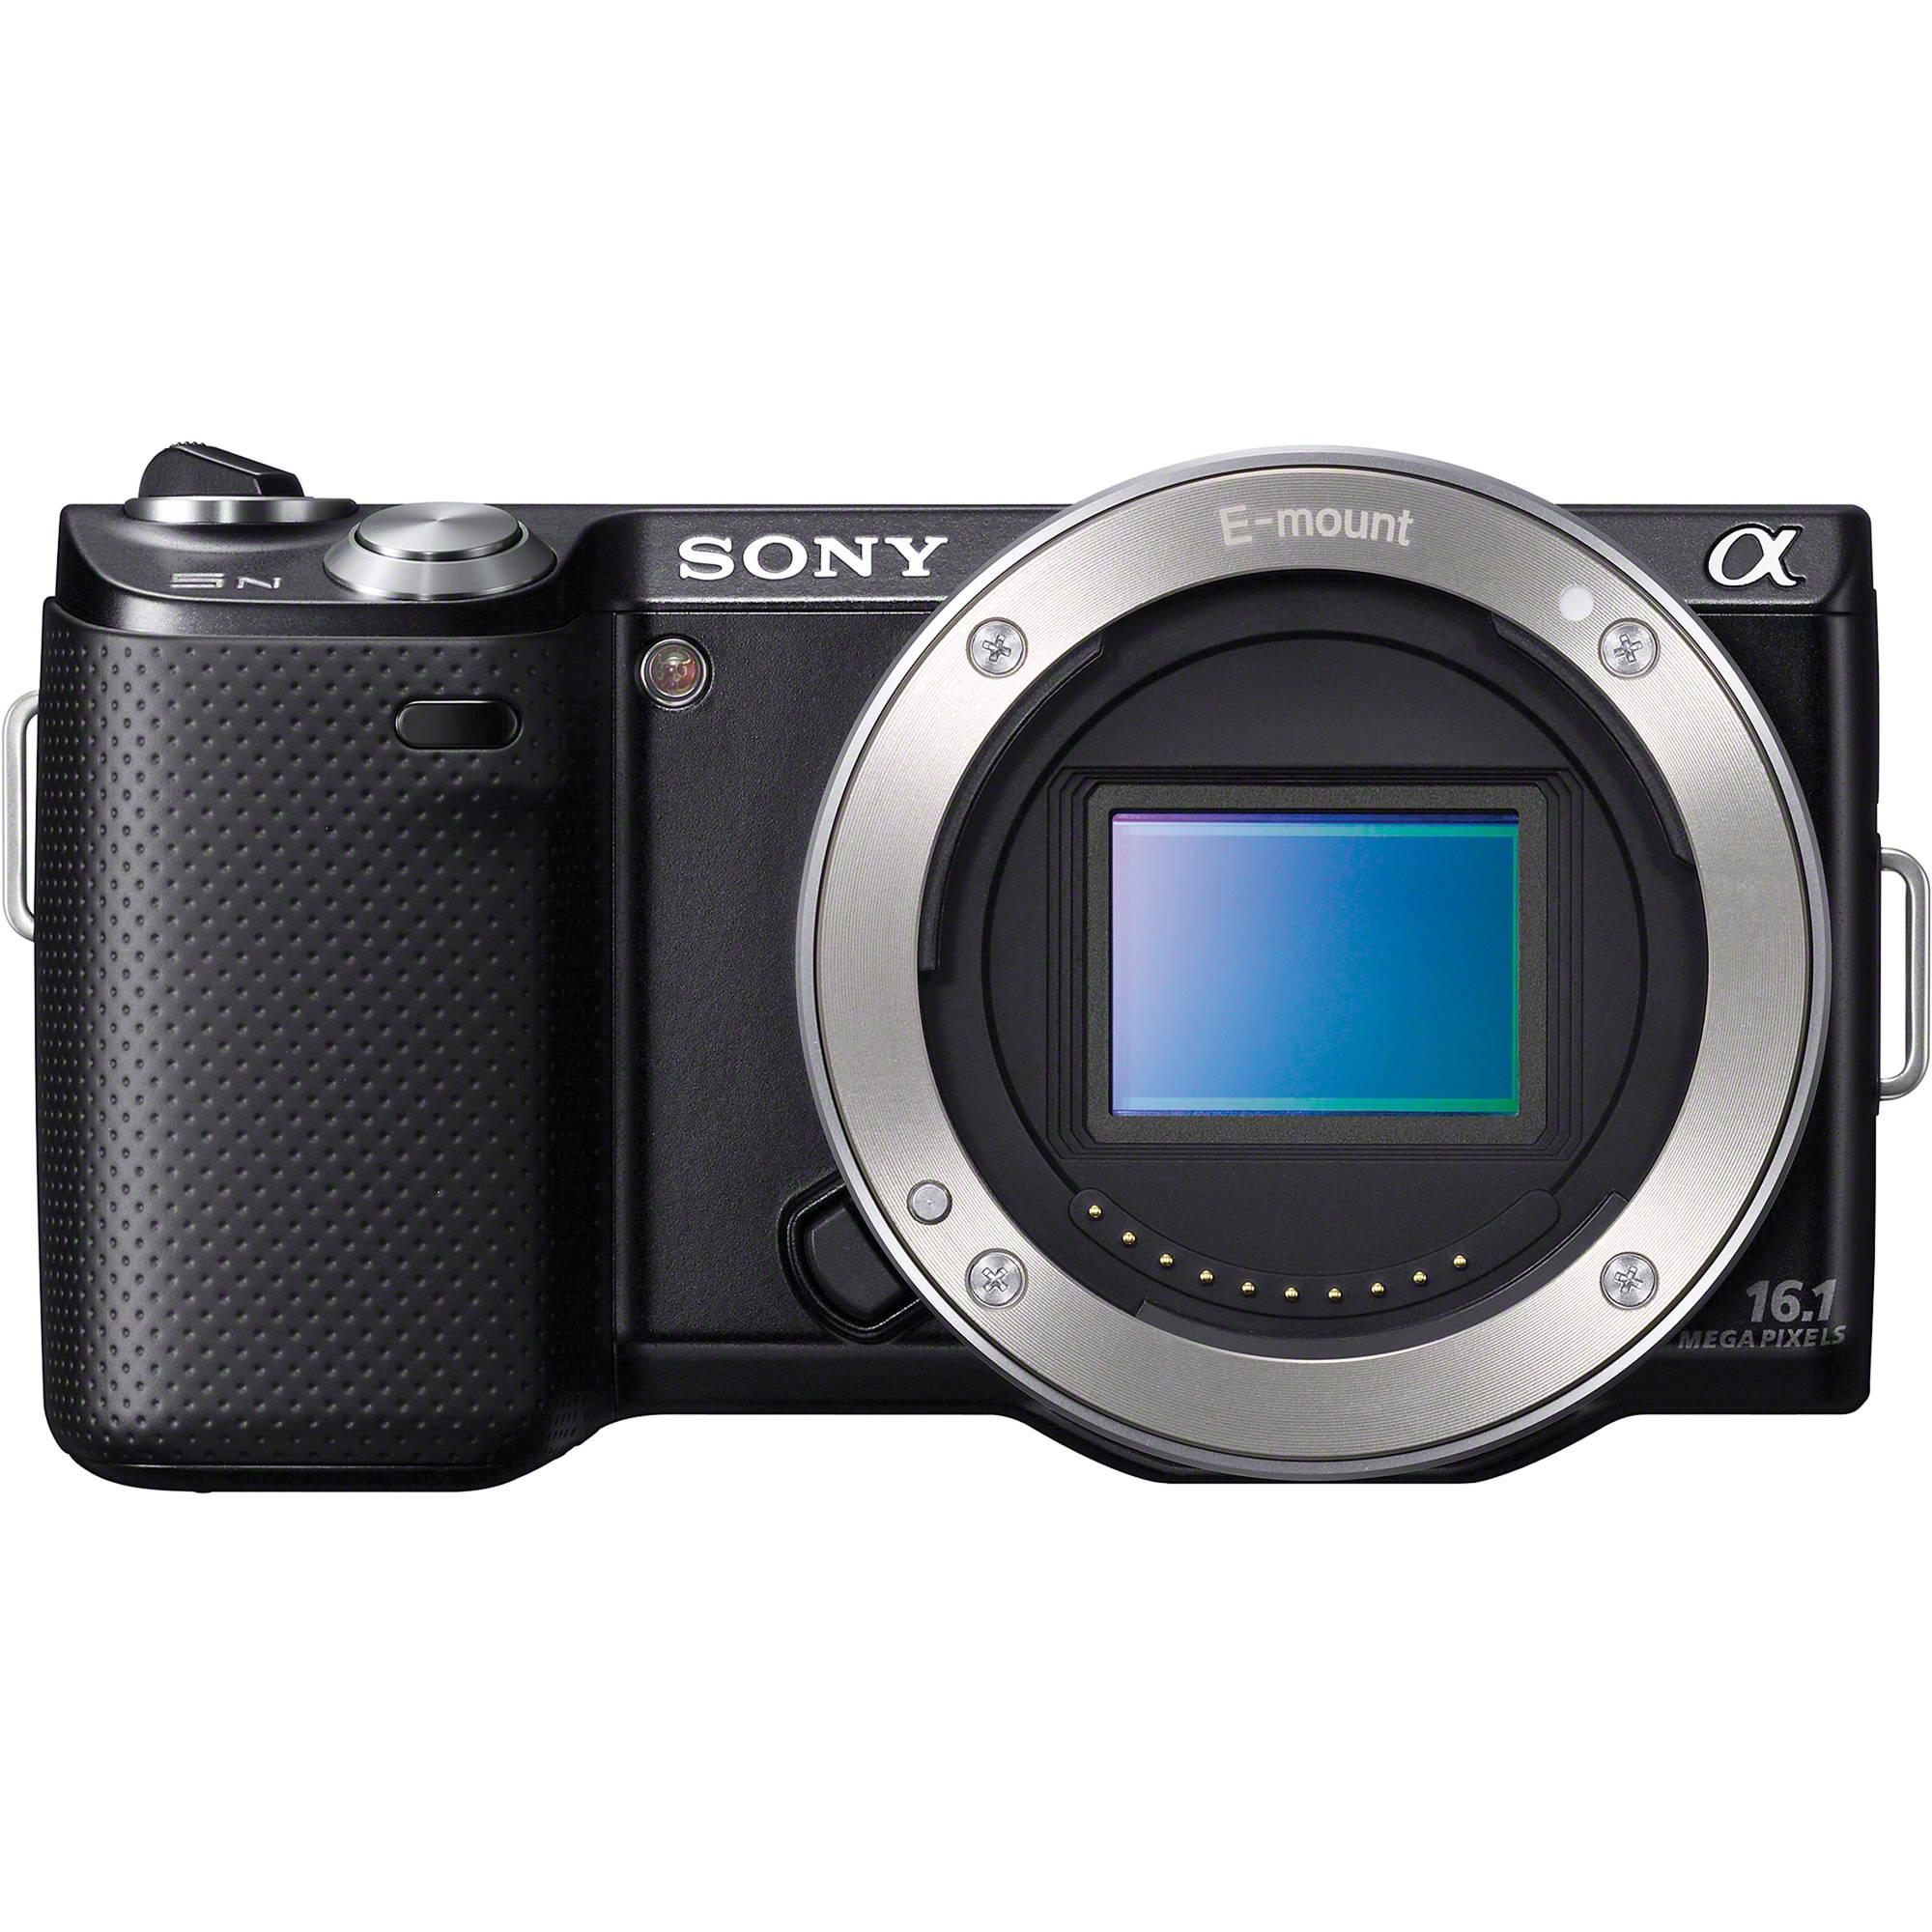 Sony Alpha NEX-5N Digital Camera with 18-55mm Lens NEX5NK/S B&H